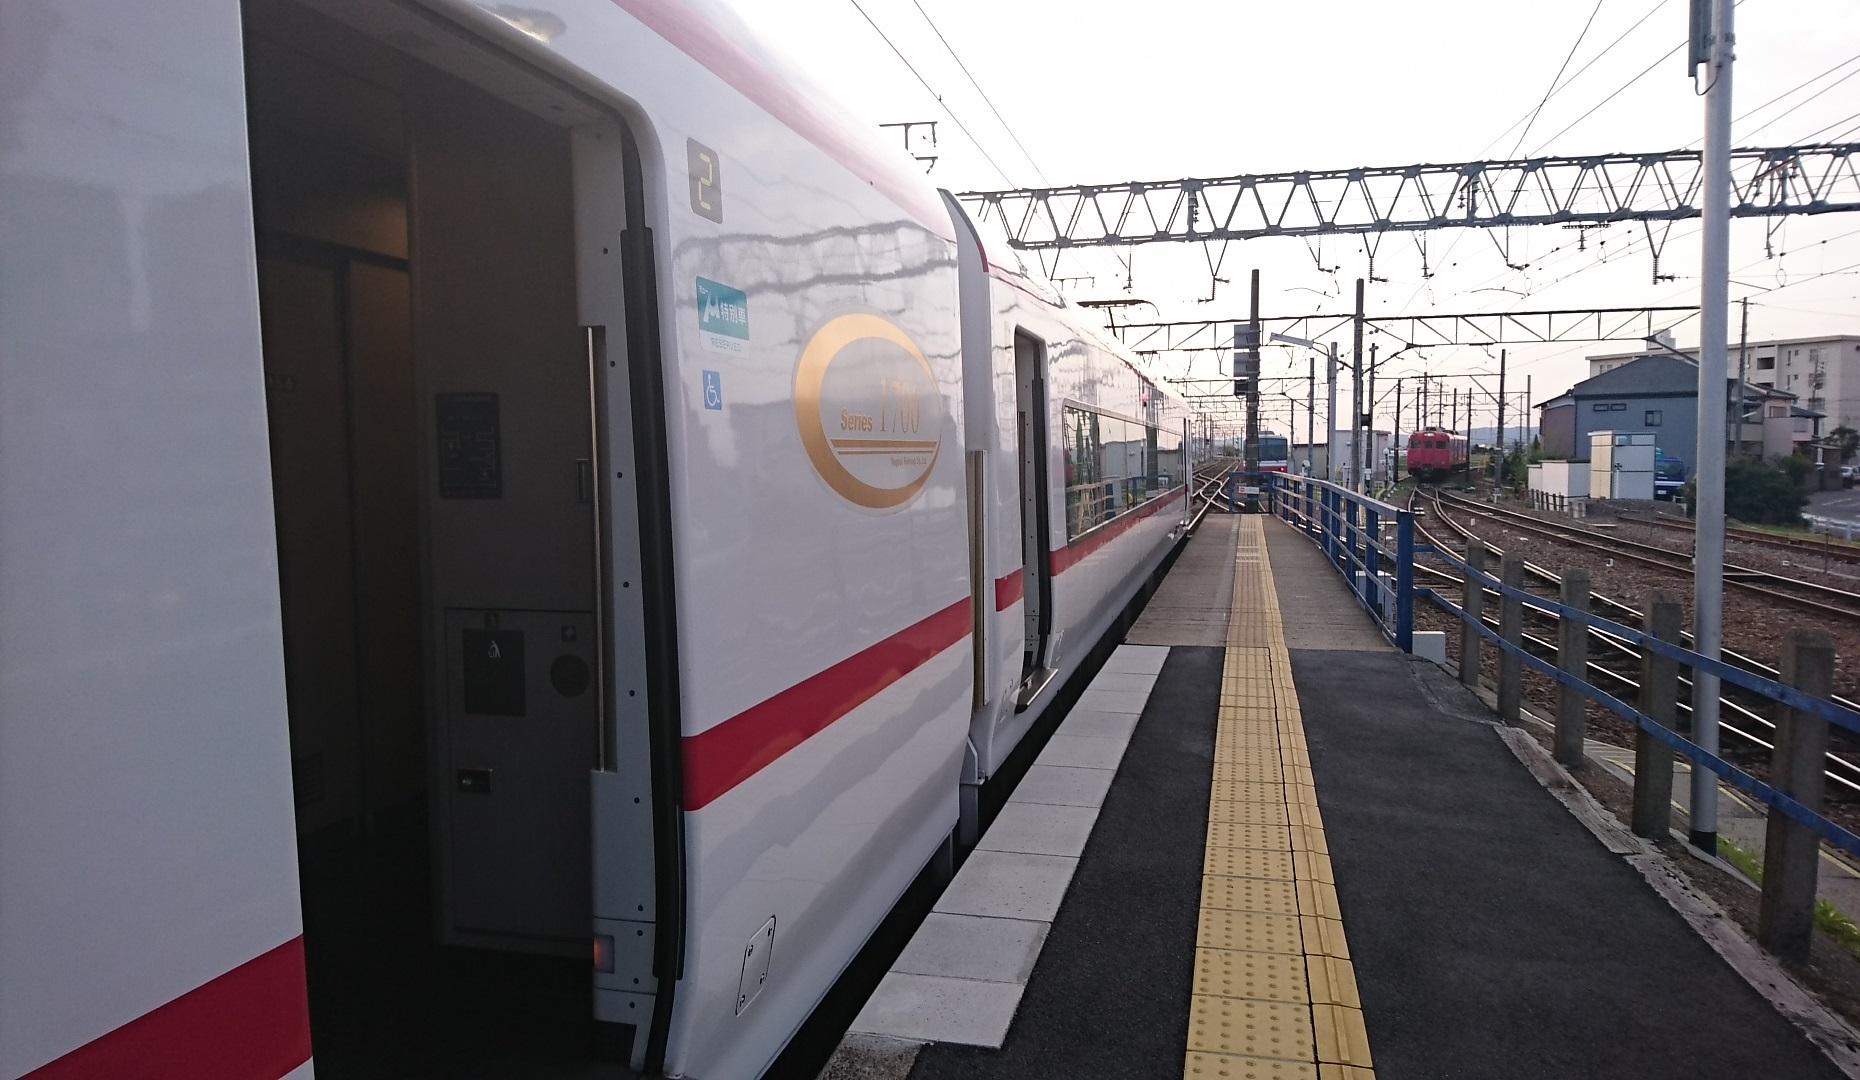 2018.4.5 名古屋 (7) しんあんじょう - 岐阜いき特急 1860-1080